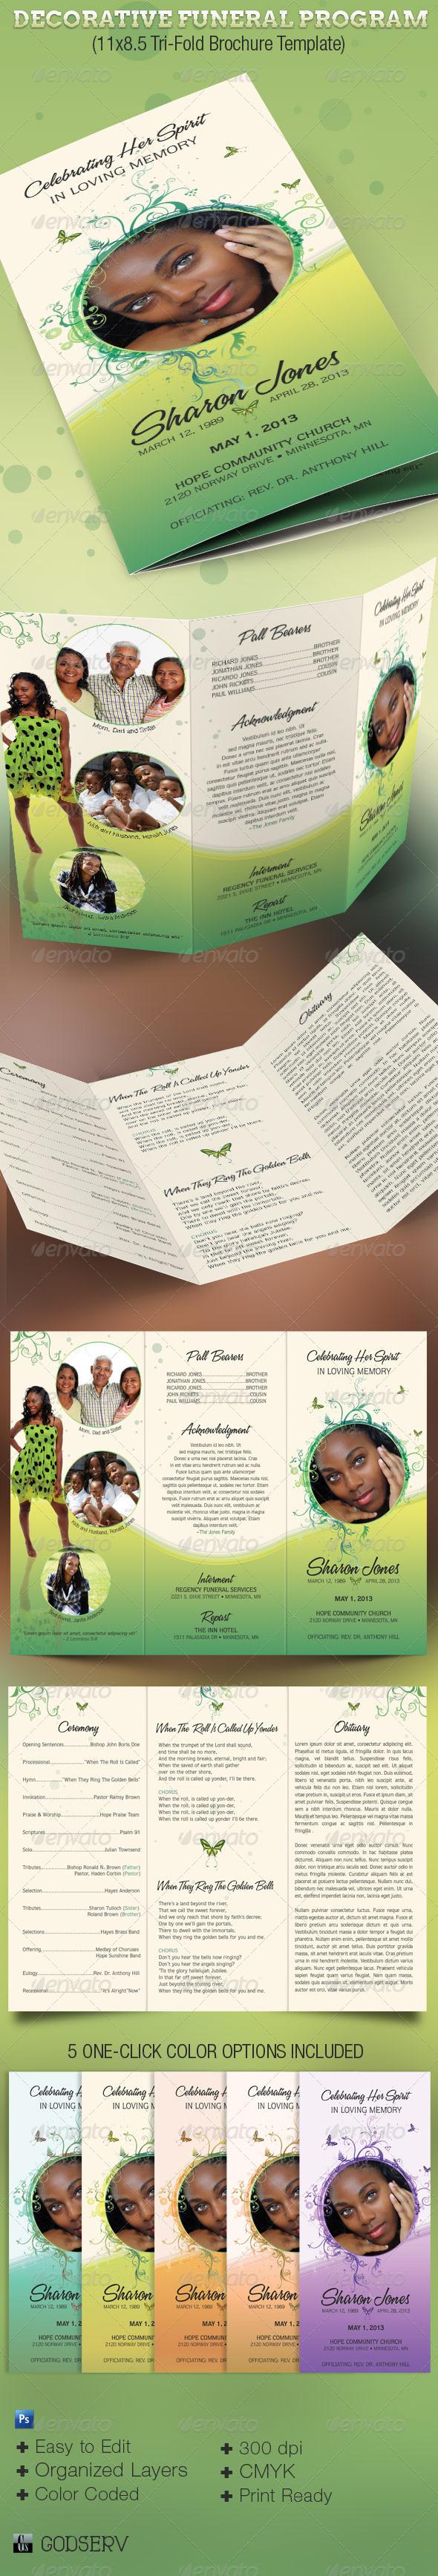 Modern Funeral Program Template - Informational brochure templates